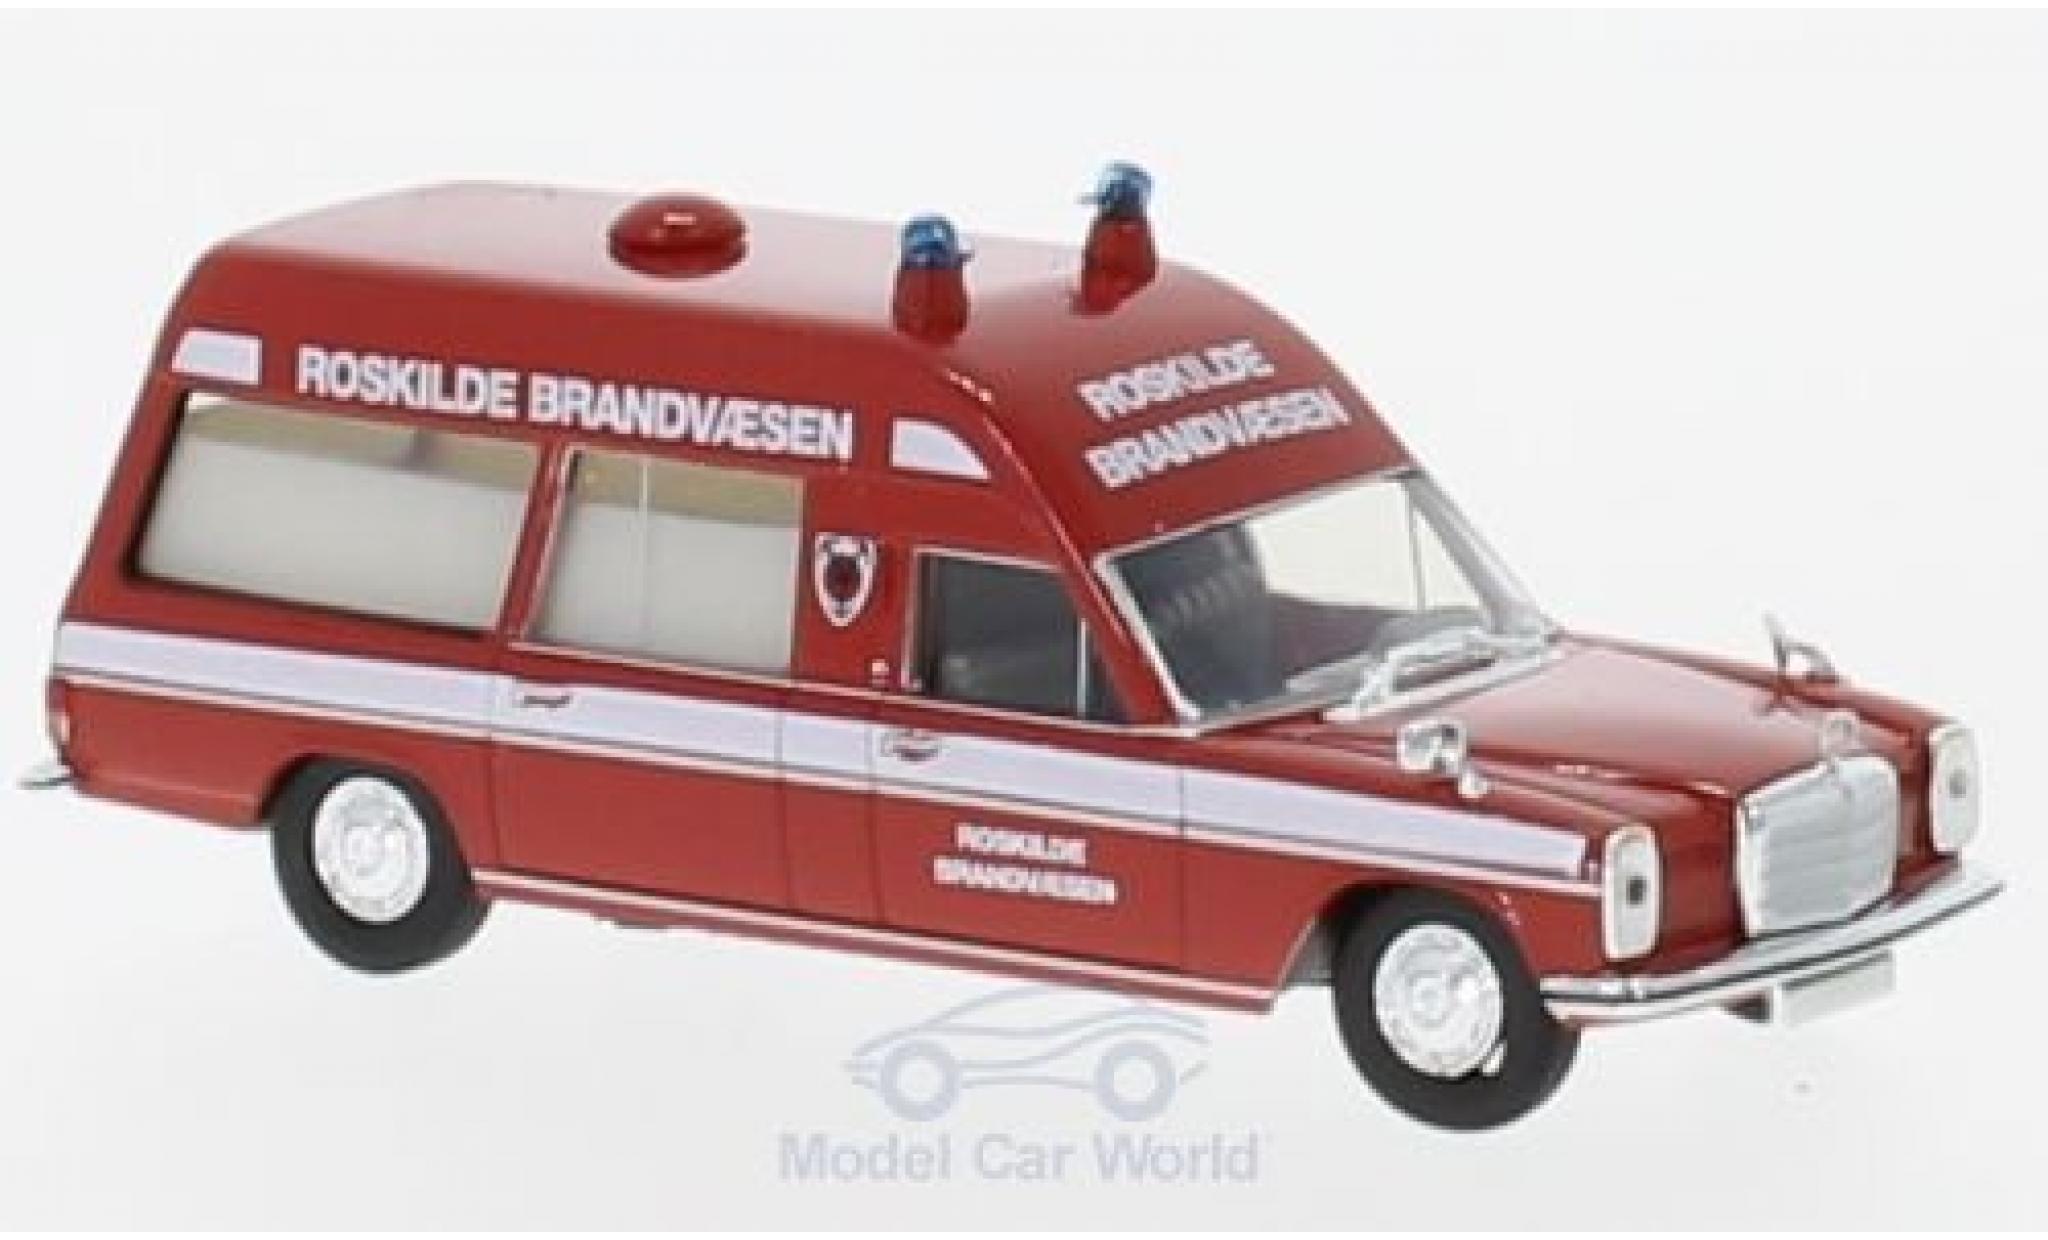 Mercedes /8 1/87 Brekina KTW Roskilde Brandvaesen (DK)